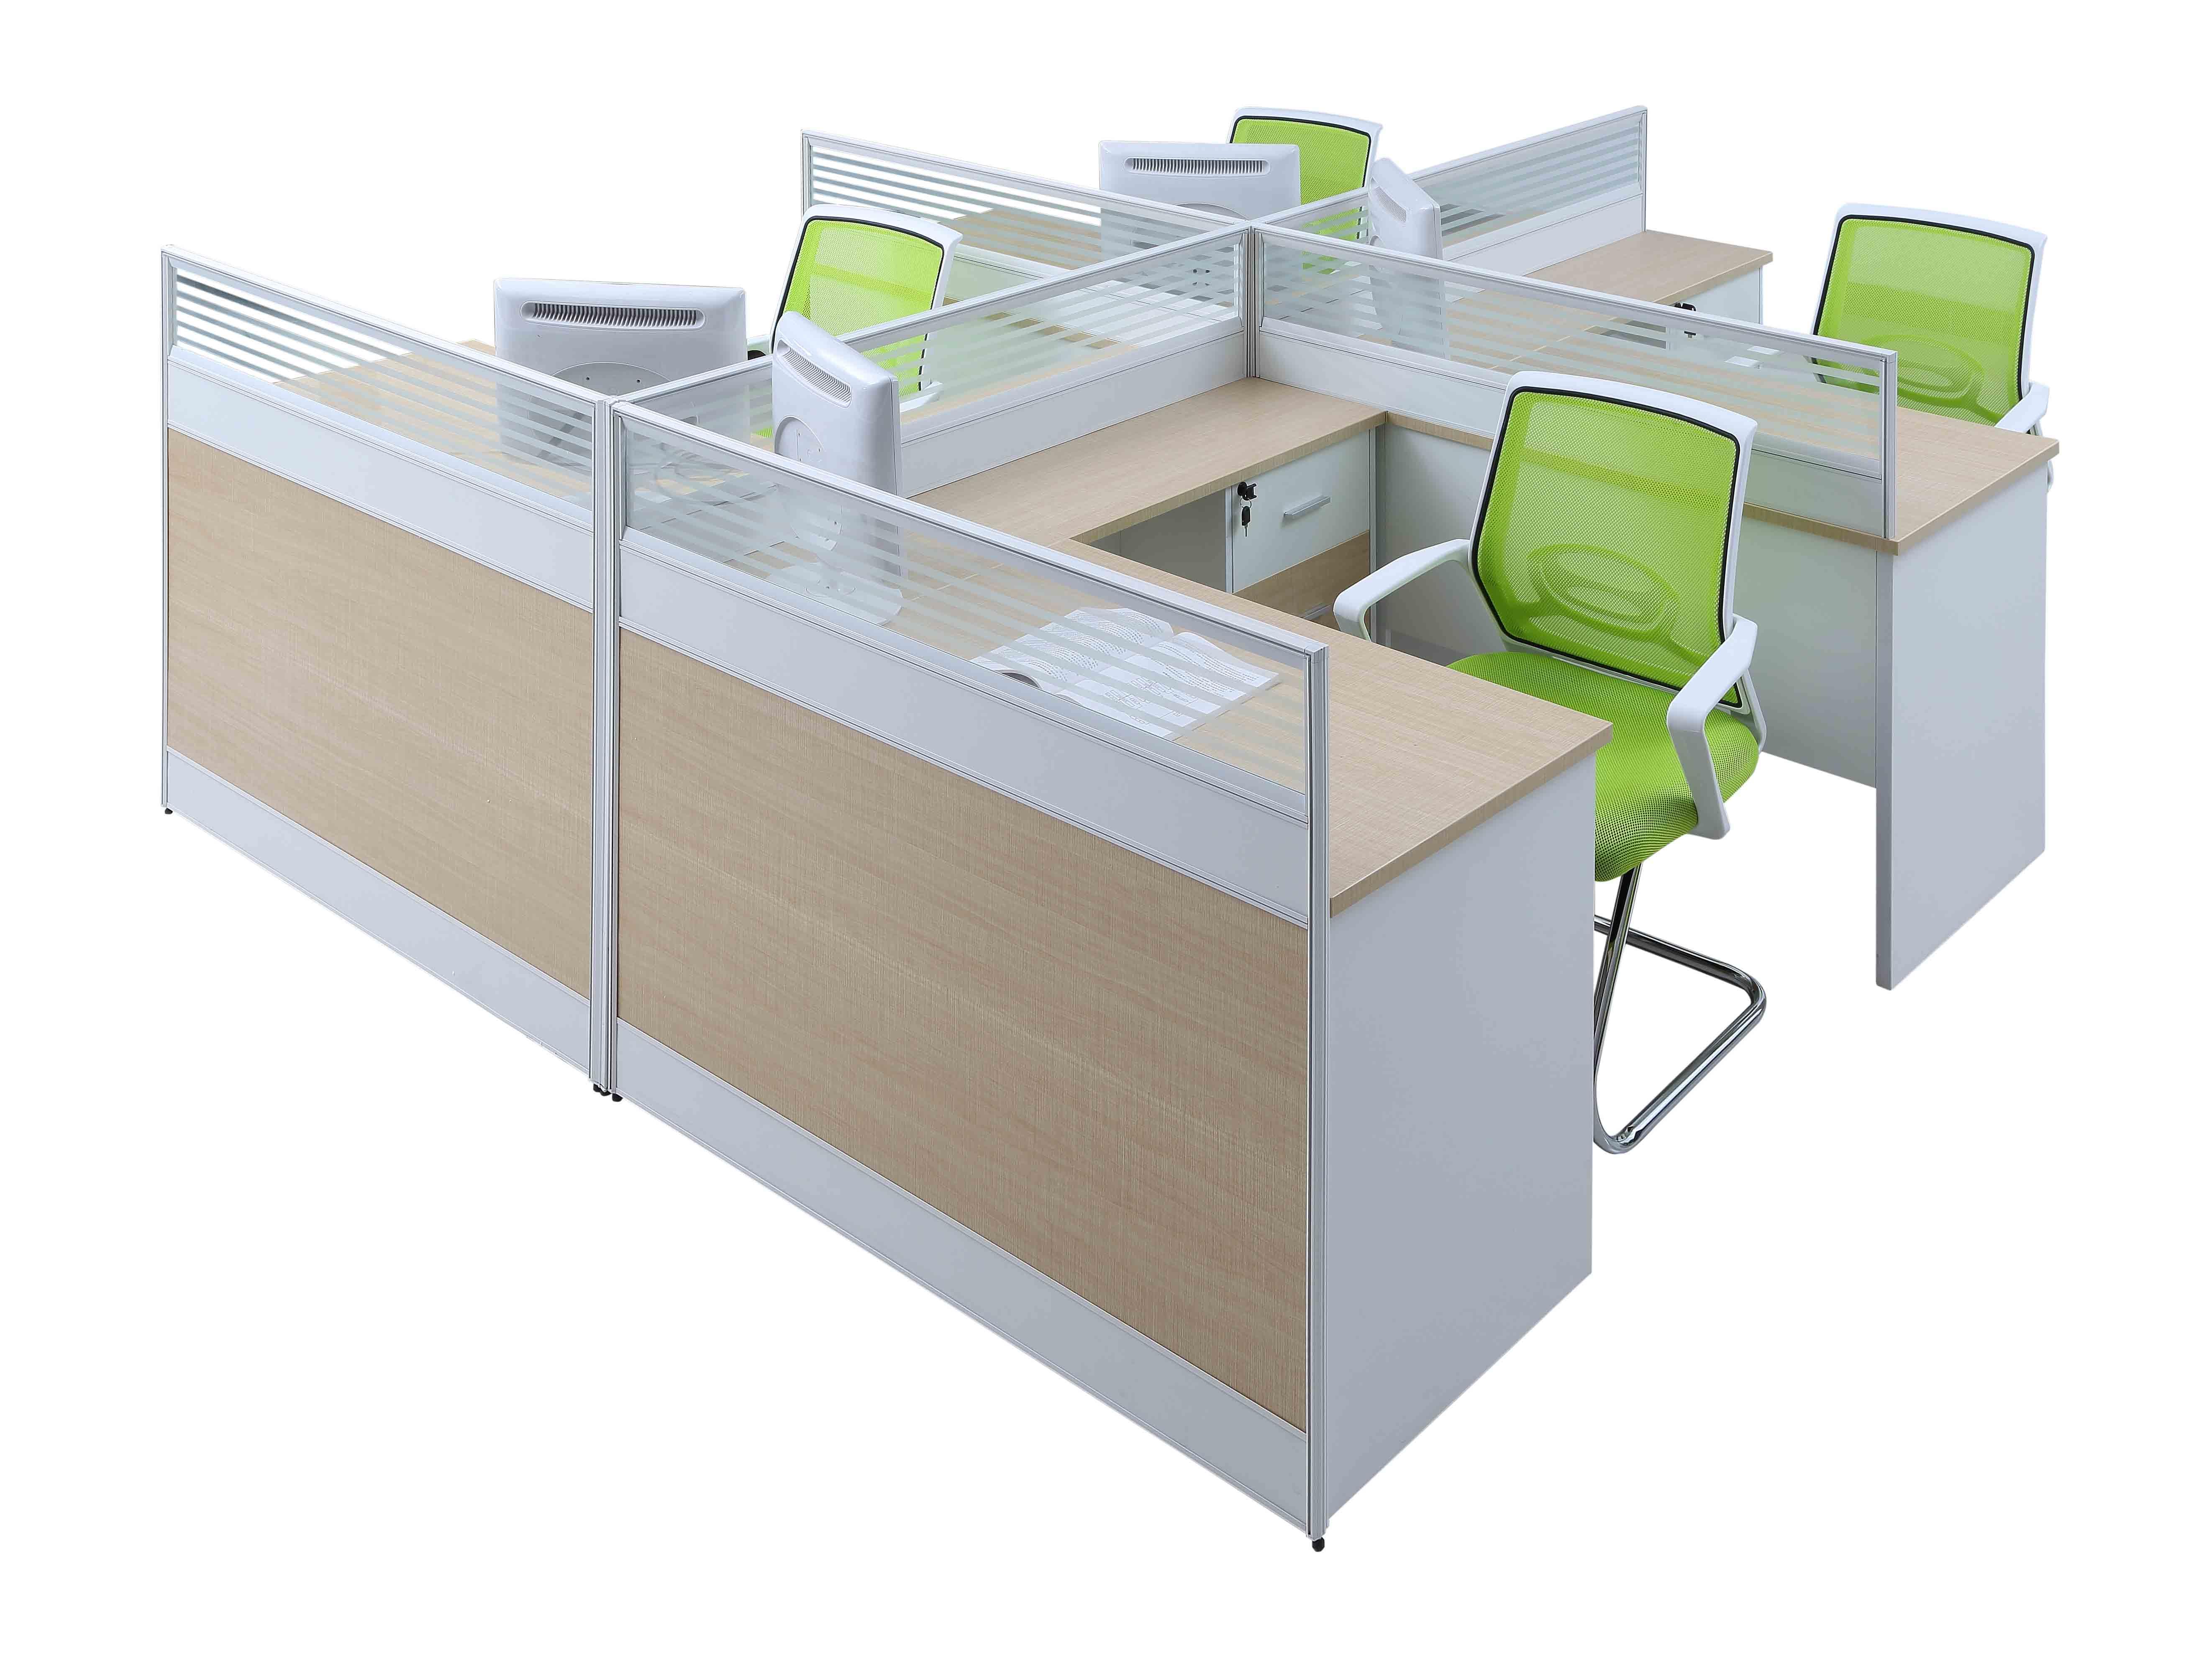 辦公室使用辦公屏風有哪些優勢?